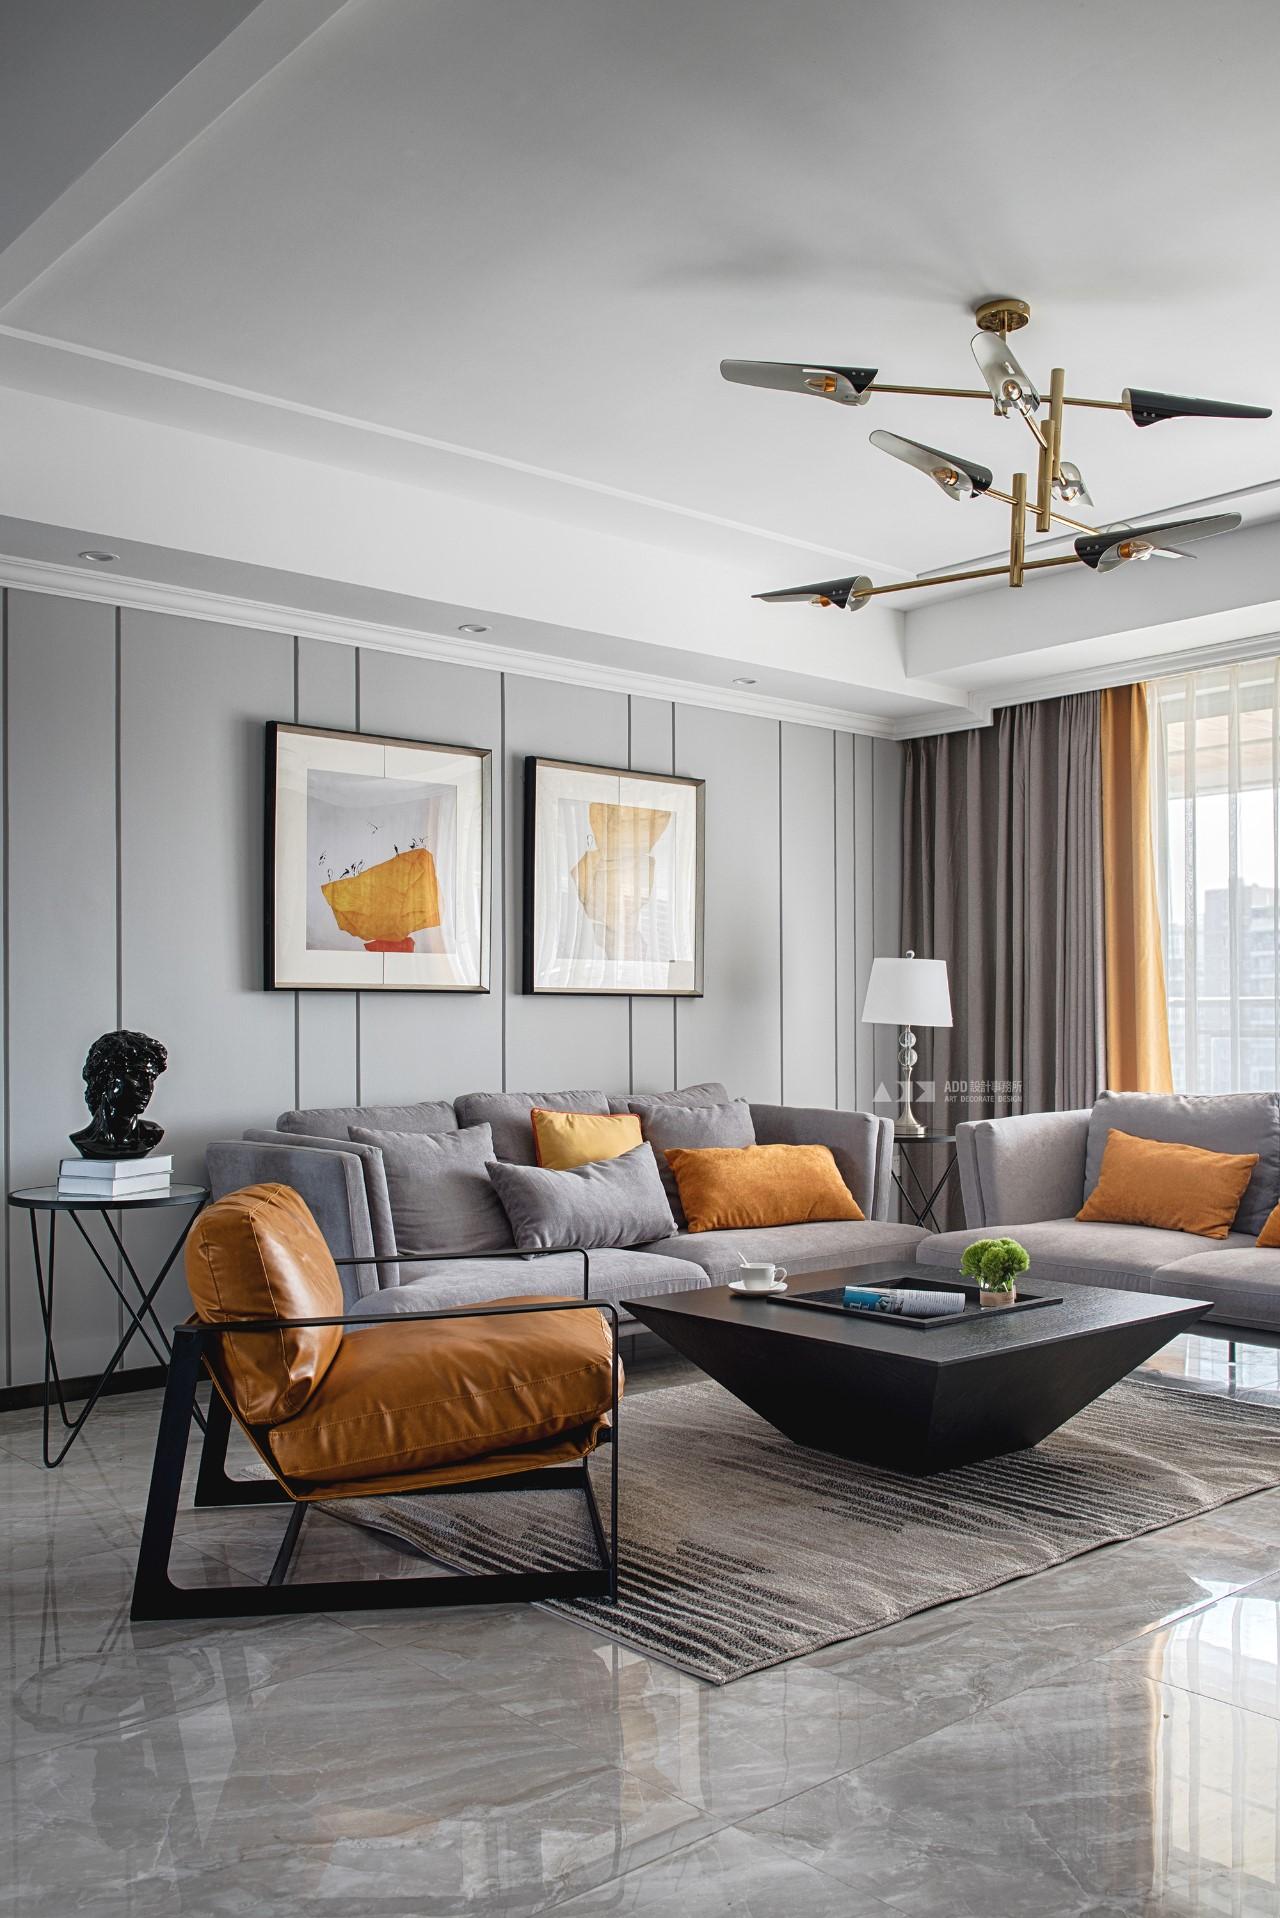 150㎡现代风格客厅沙发墙装修效果图